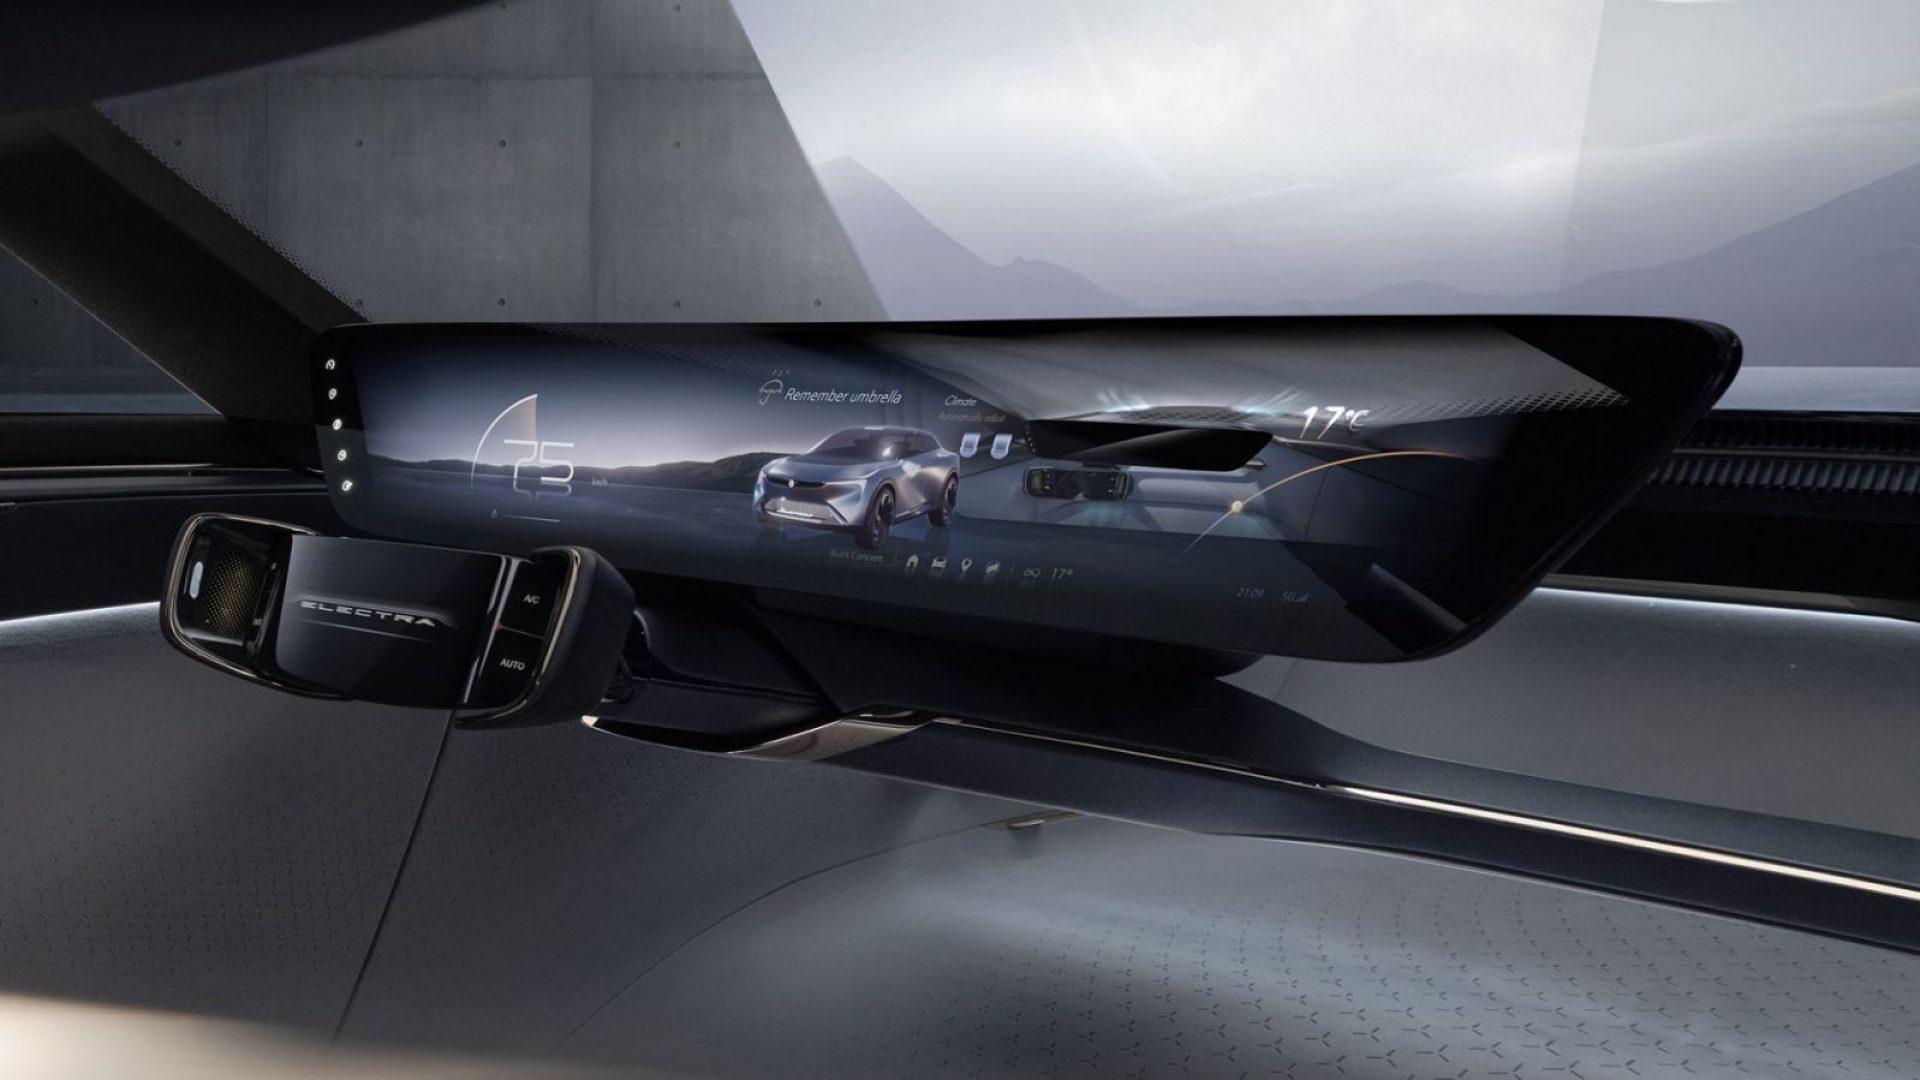 2020-Buick-Electra-Concept-Interior-04